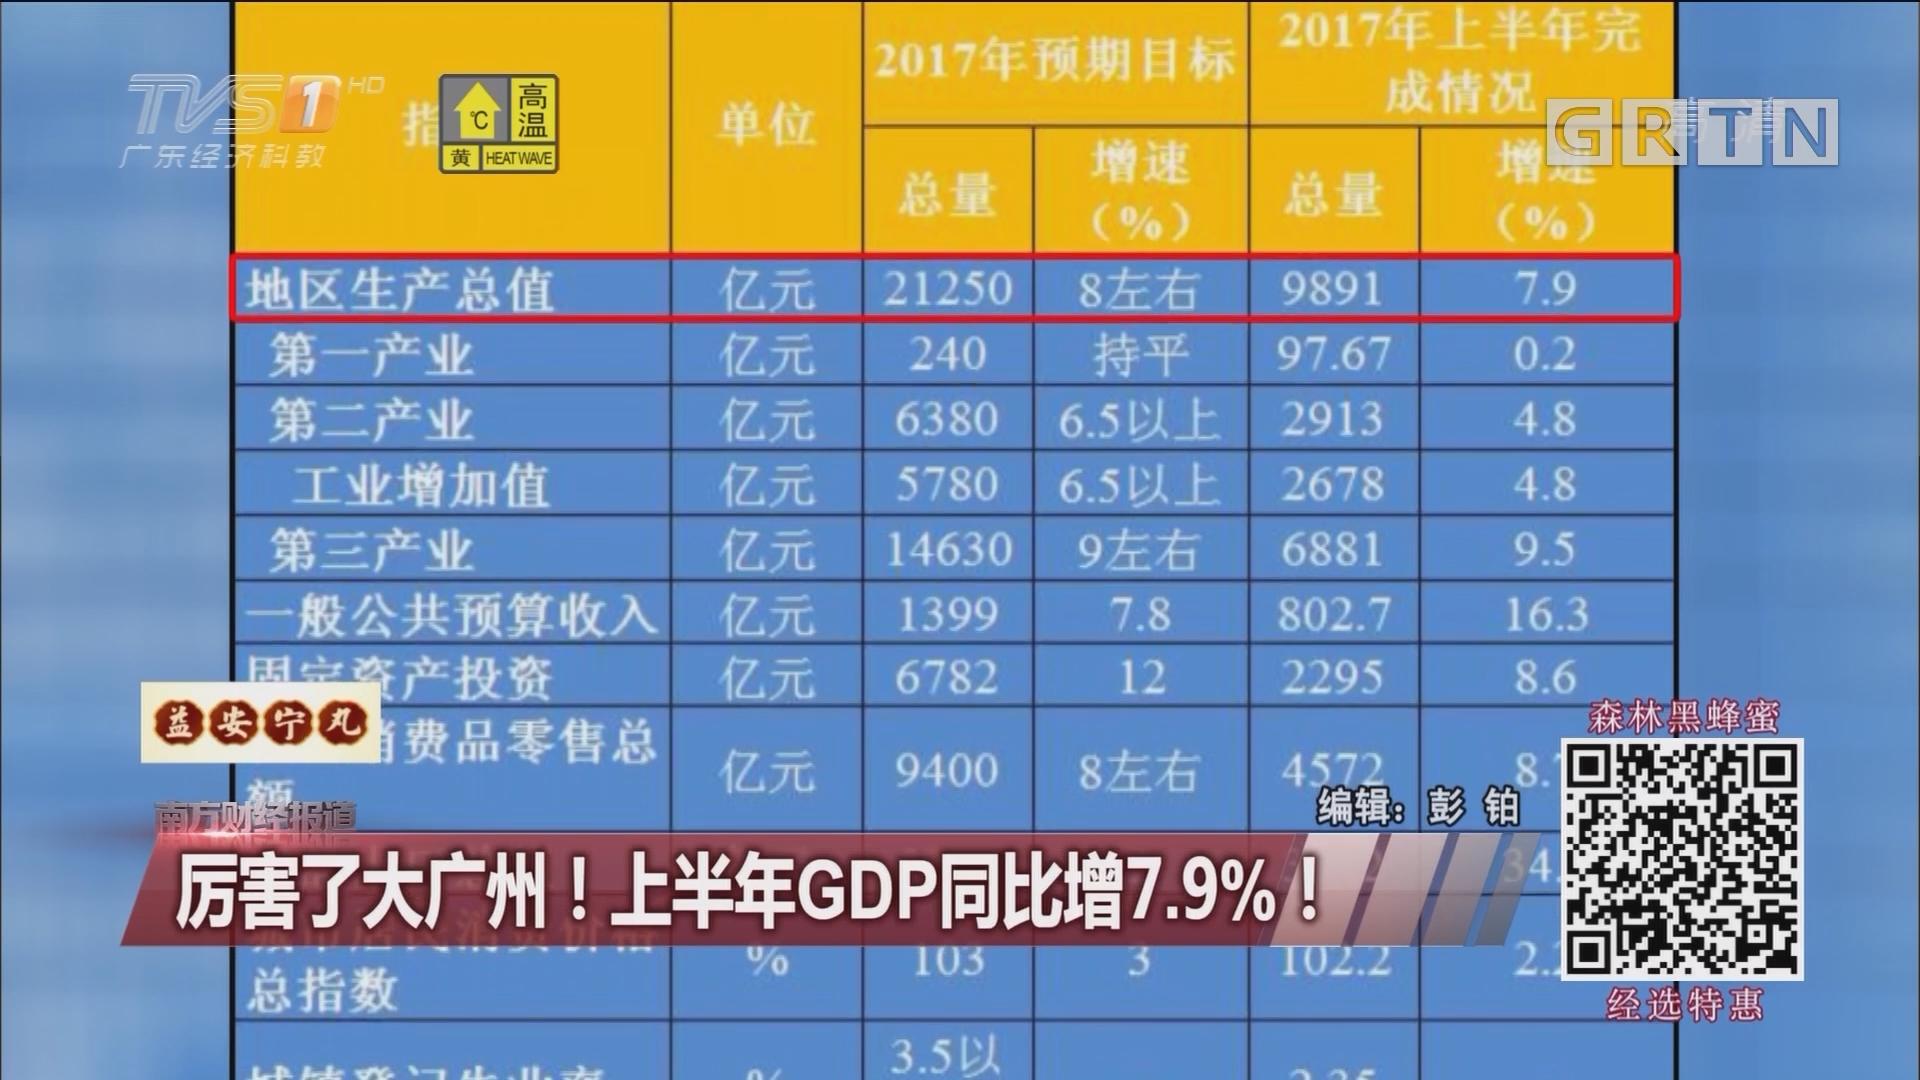 厉害了大广州!上半年GDP同比增7.9%!